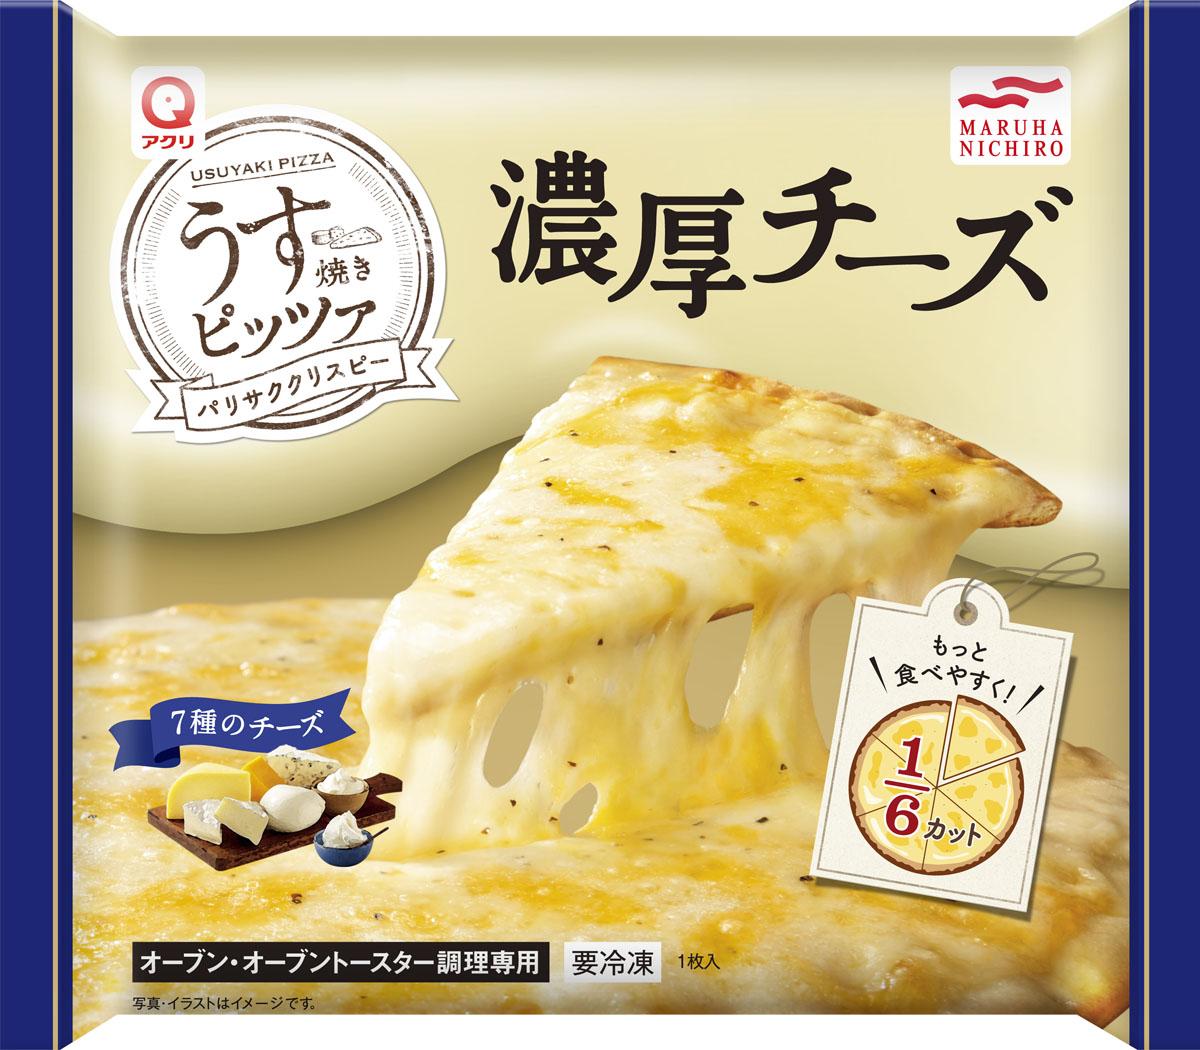 冷凍食品,ピザ,マルハニチロ,濃厚チーズ,家men